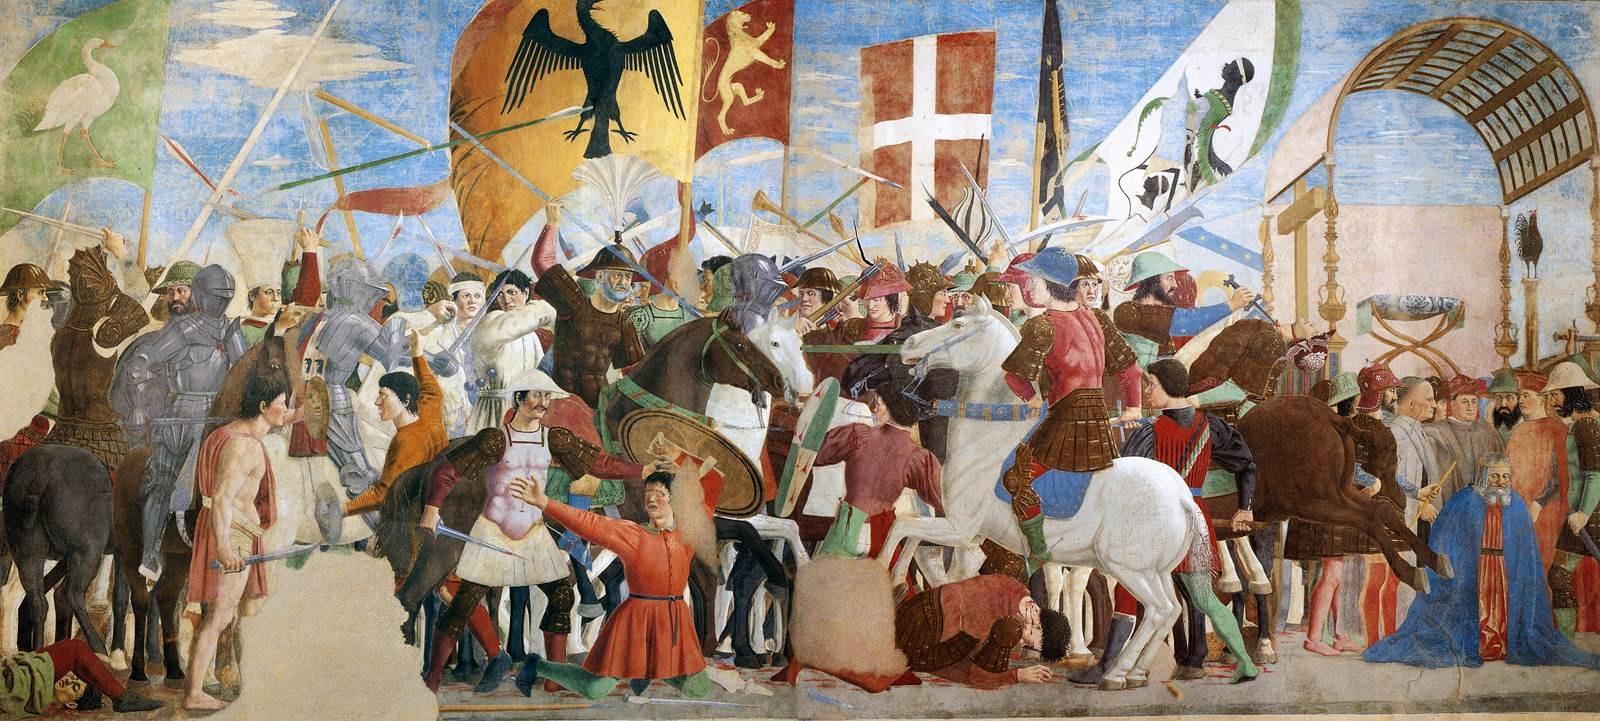 Piero della Francesca - Battle between Heraclius and Chosroes